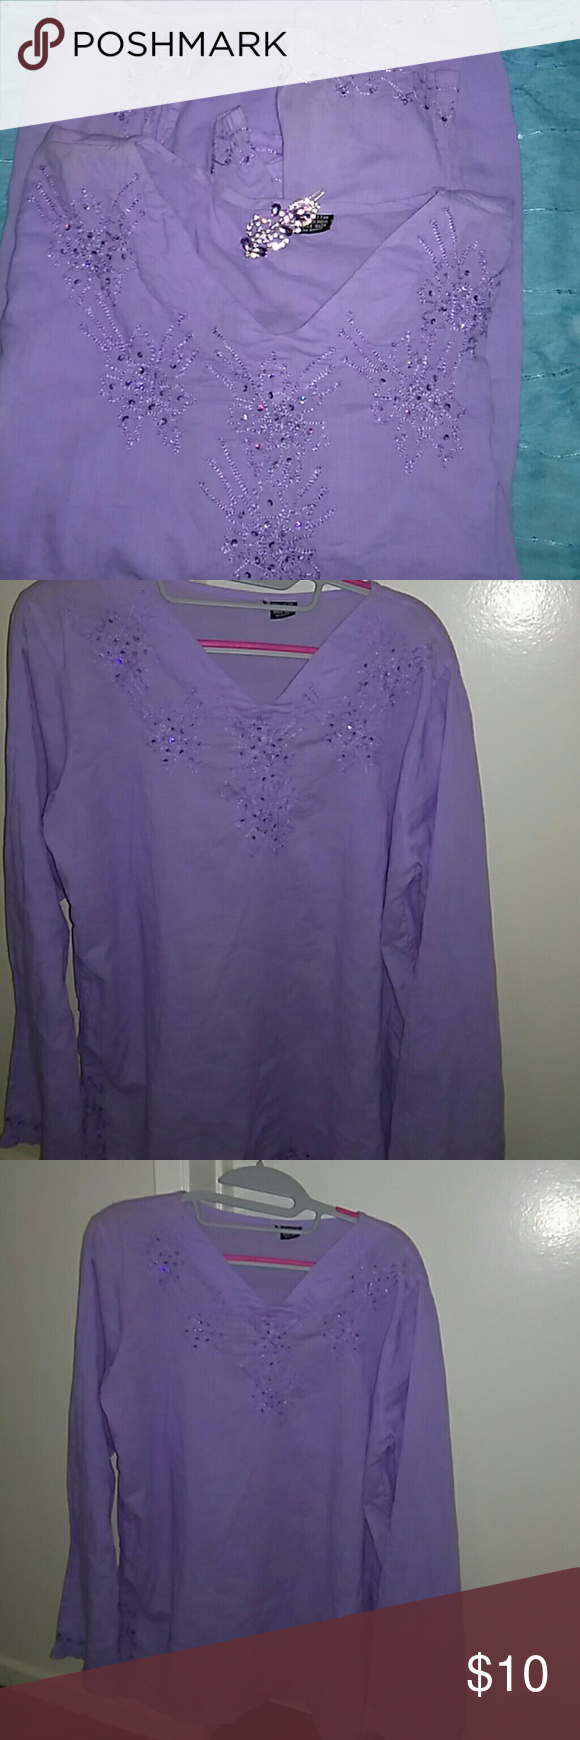 Lavender Blouse Lavender Normal Wear Blouse Style